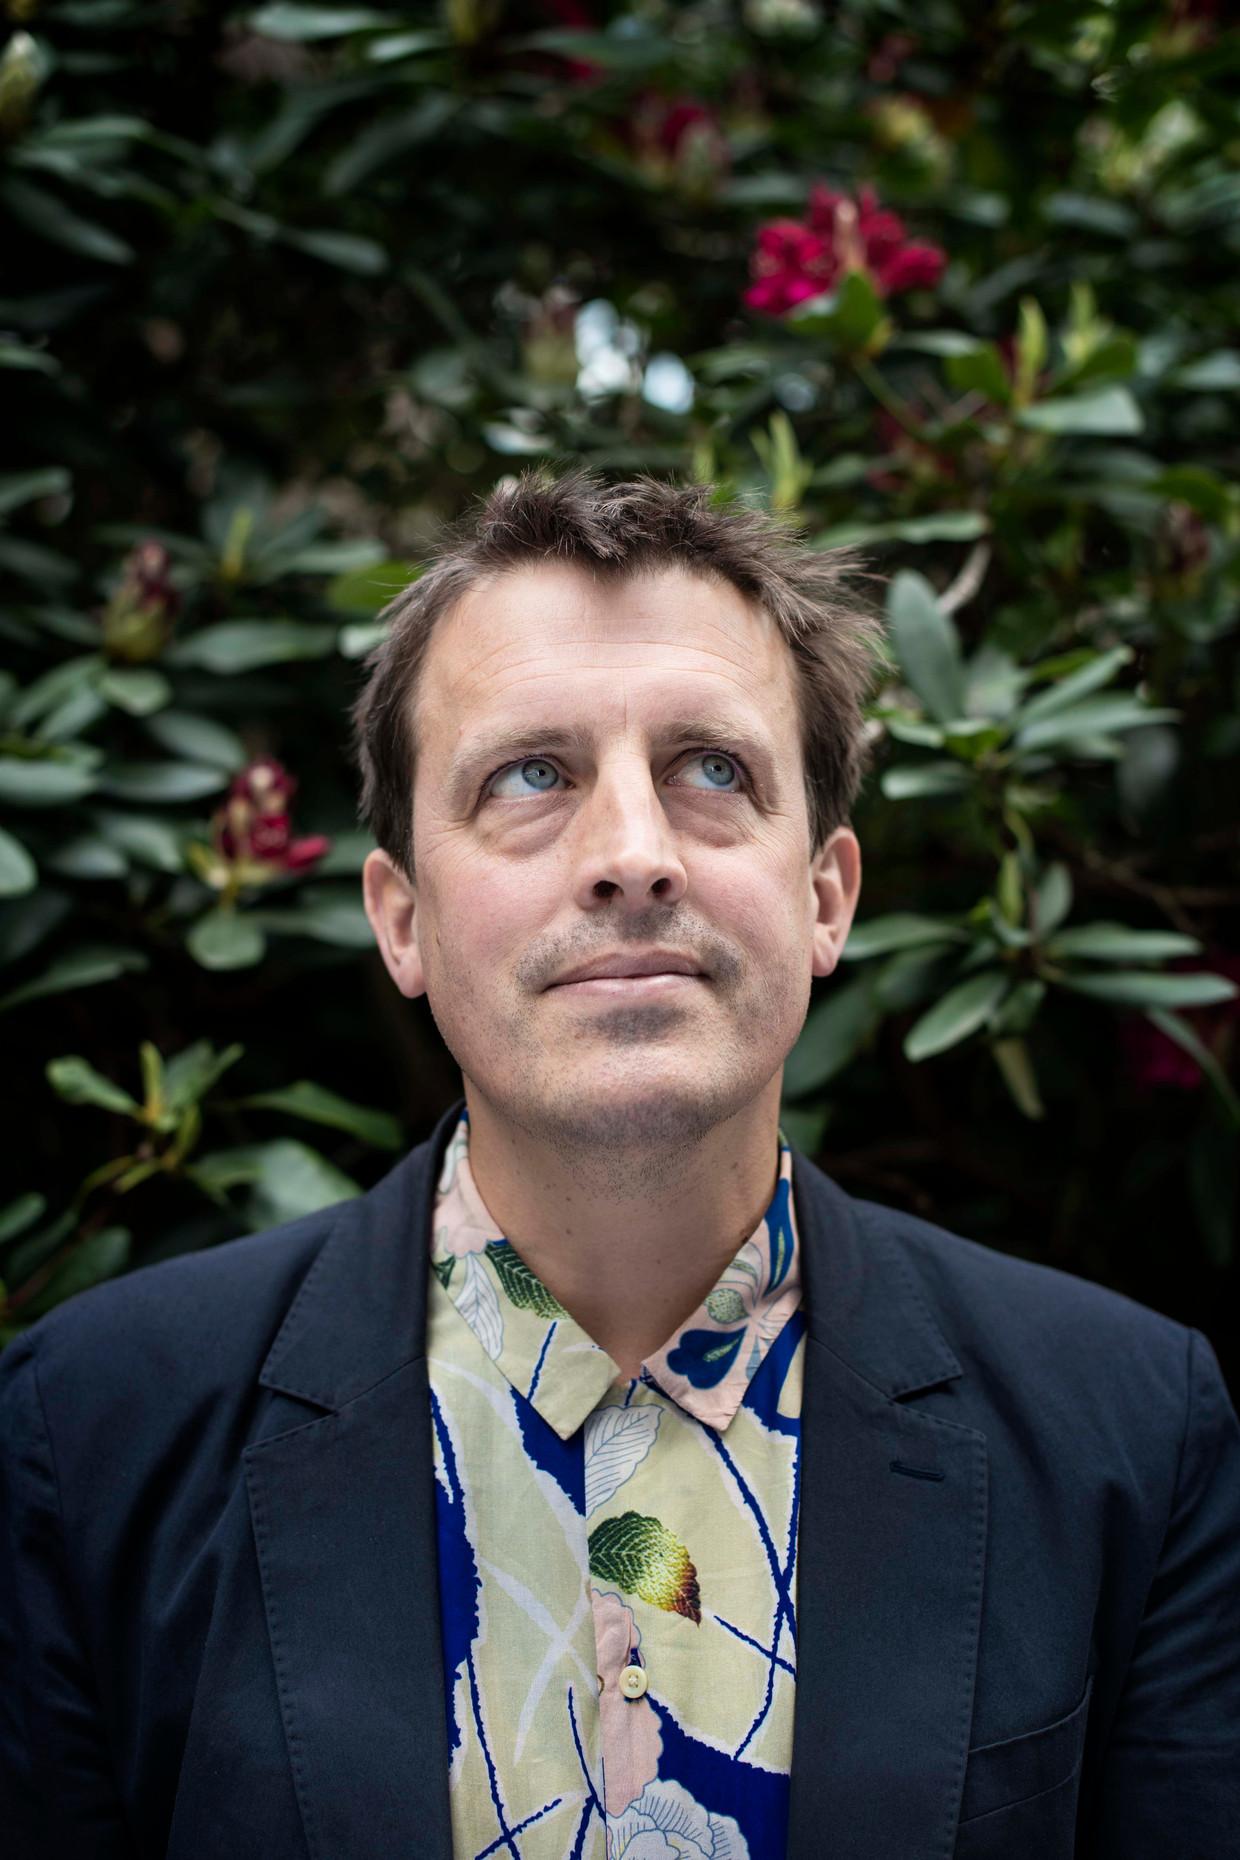 Onderzoeksjournalist Oliver Bullough.